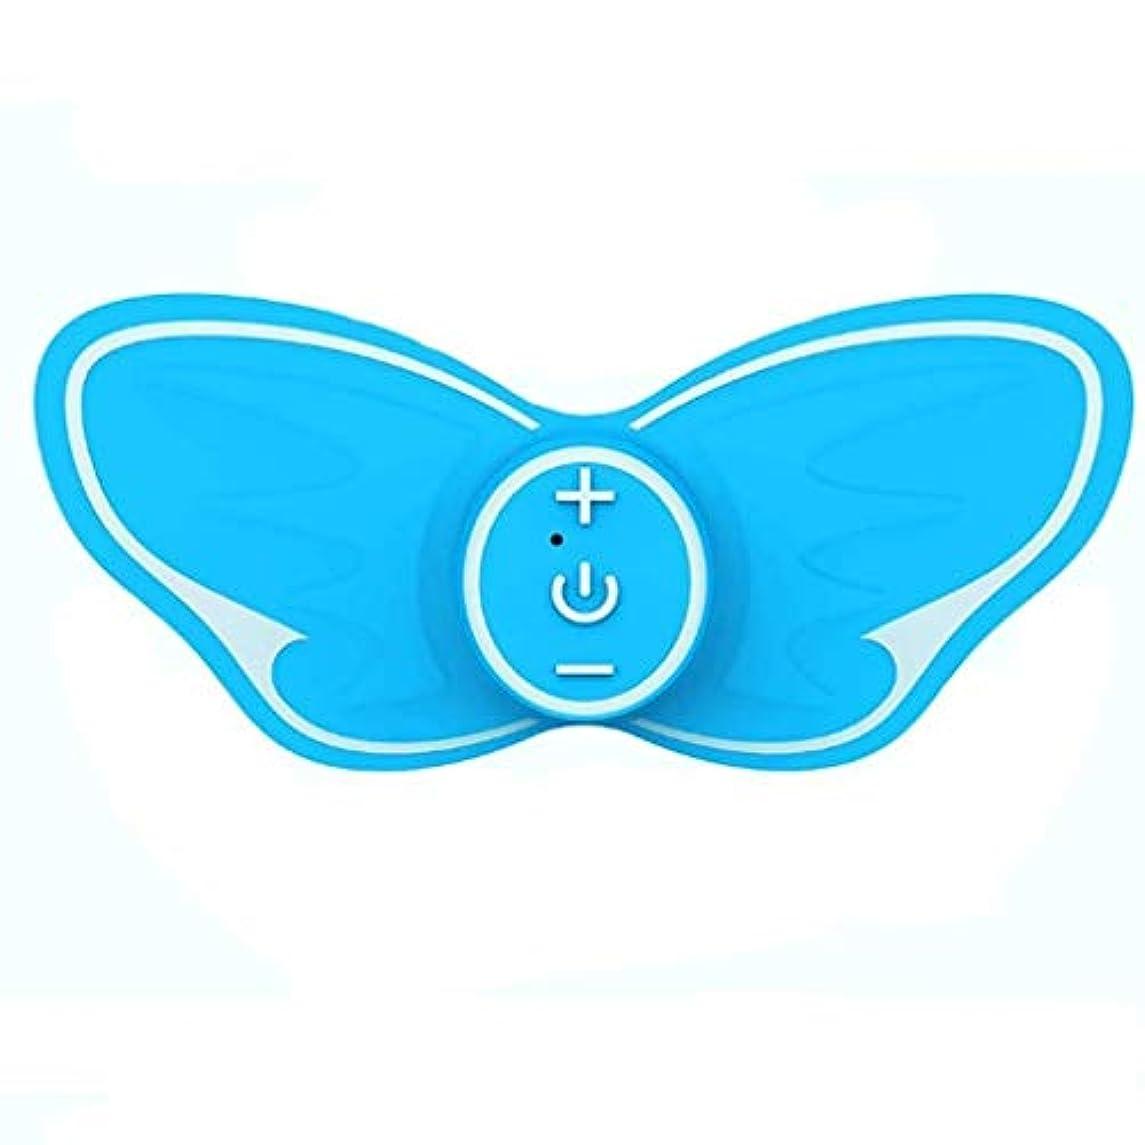 魅惑的な乱暴なビット電動ネックマッサージャー、スマートミニネックフィンガープレッシャーマッサージスティック、USB充電、加熱/ディープニーディングボディマッサージ、ポータブル (Color : 青)